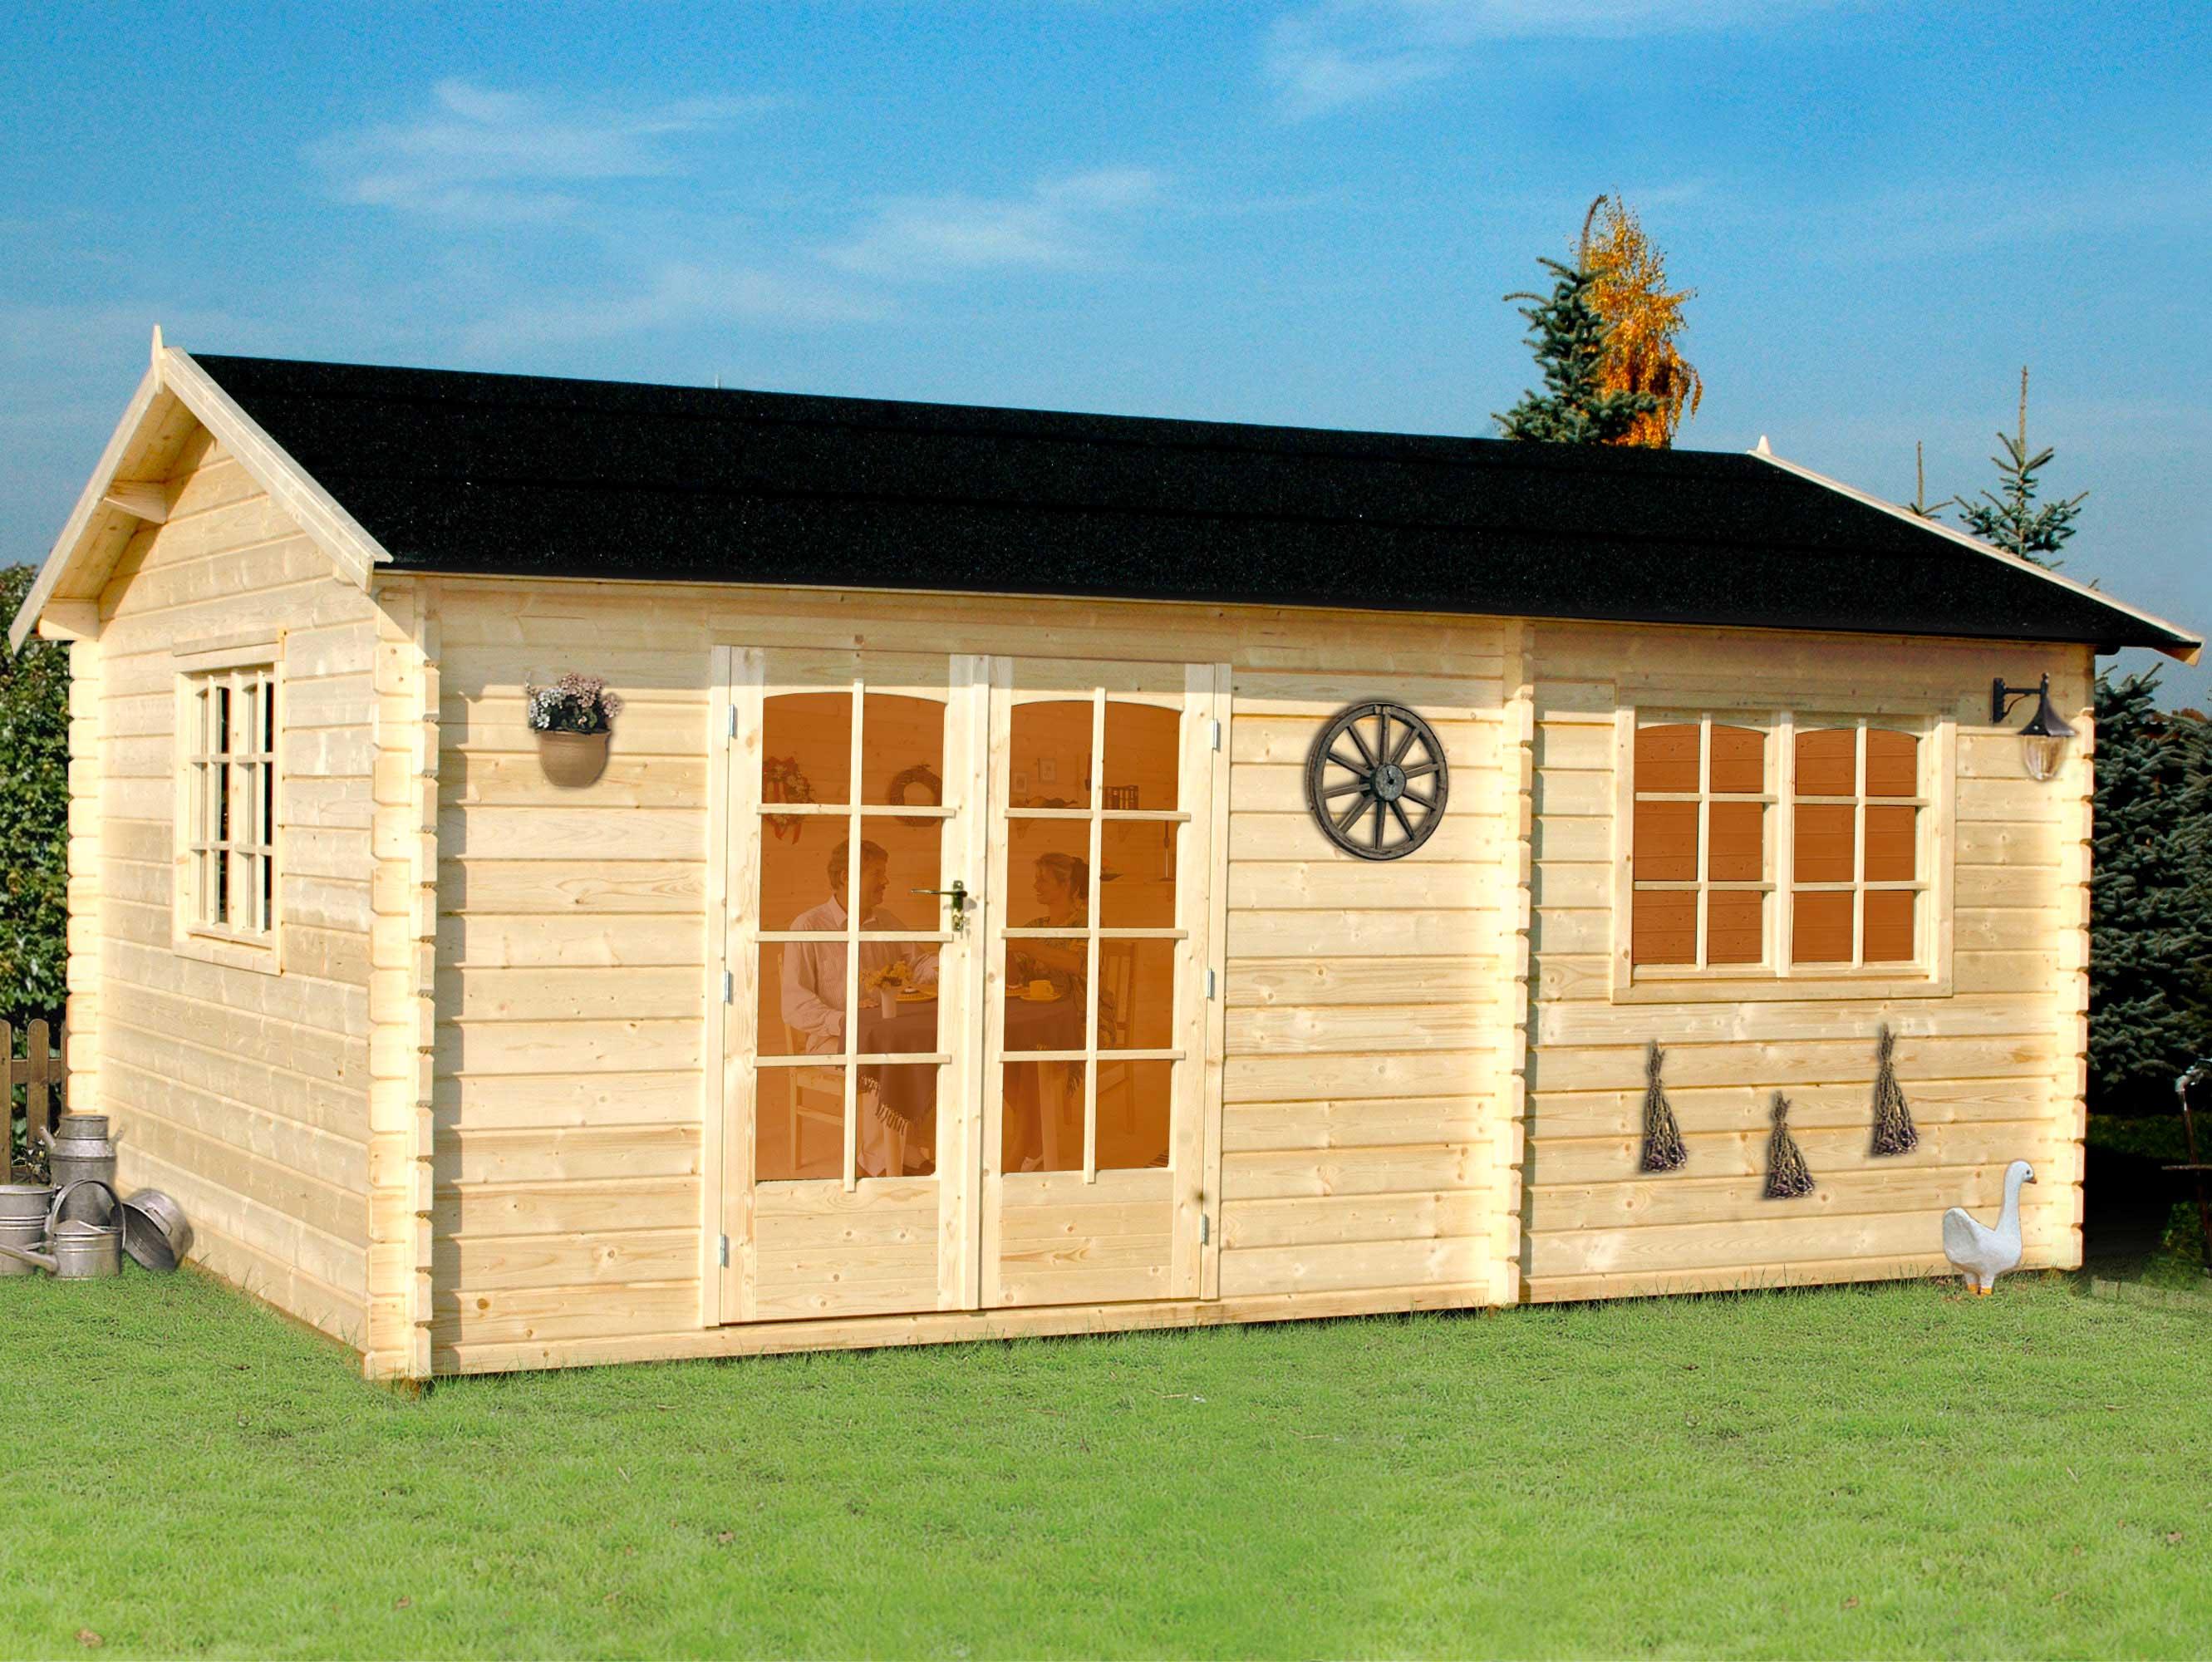 Casetta da giardino in legno per bimbi alida for Casetta giardino bimbi usata